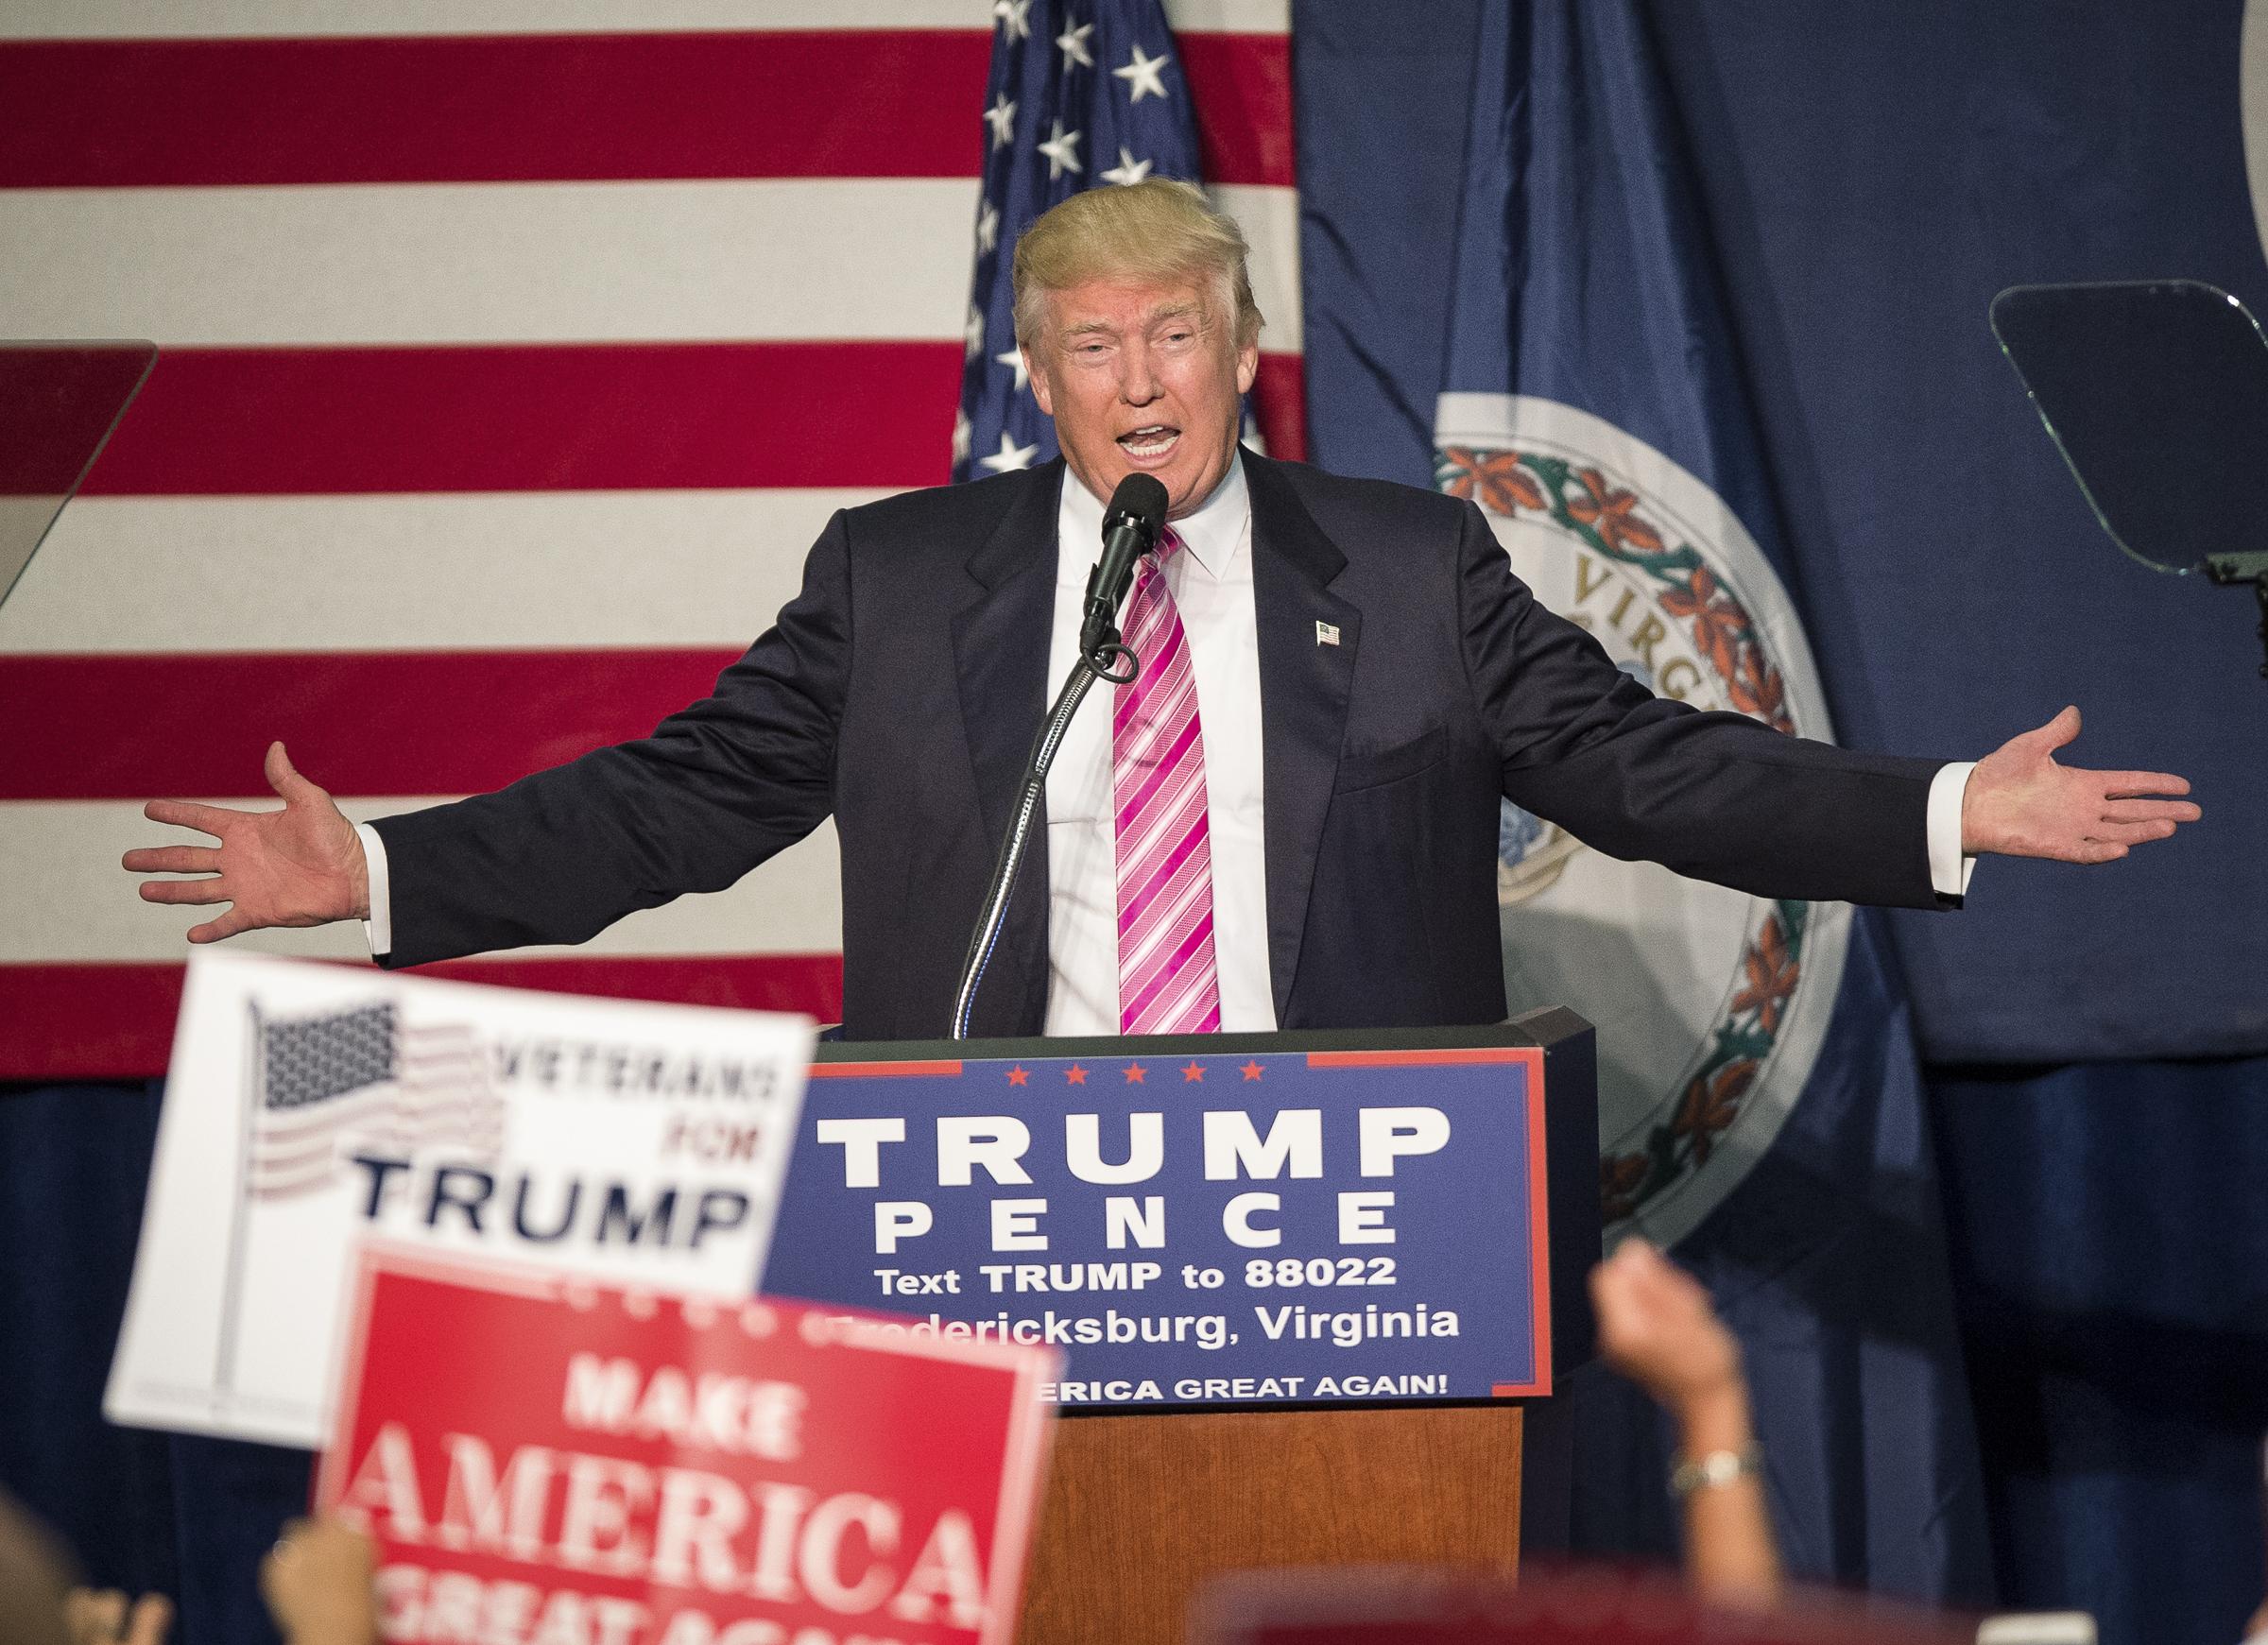 TR_Trump_Print7.jpg